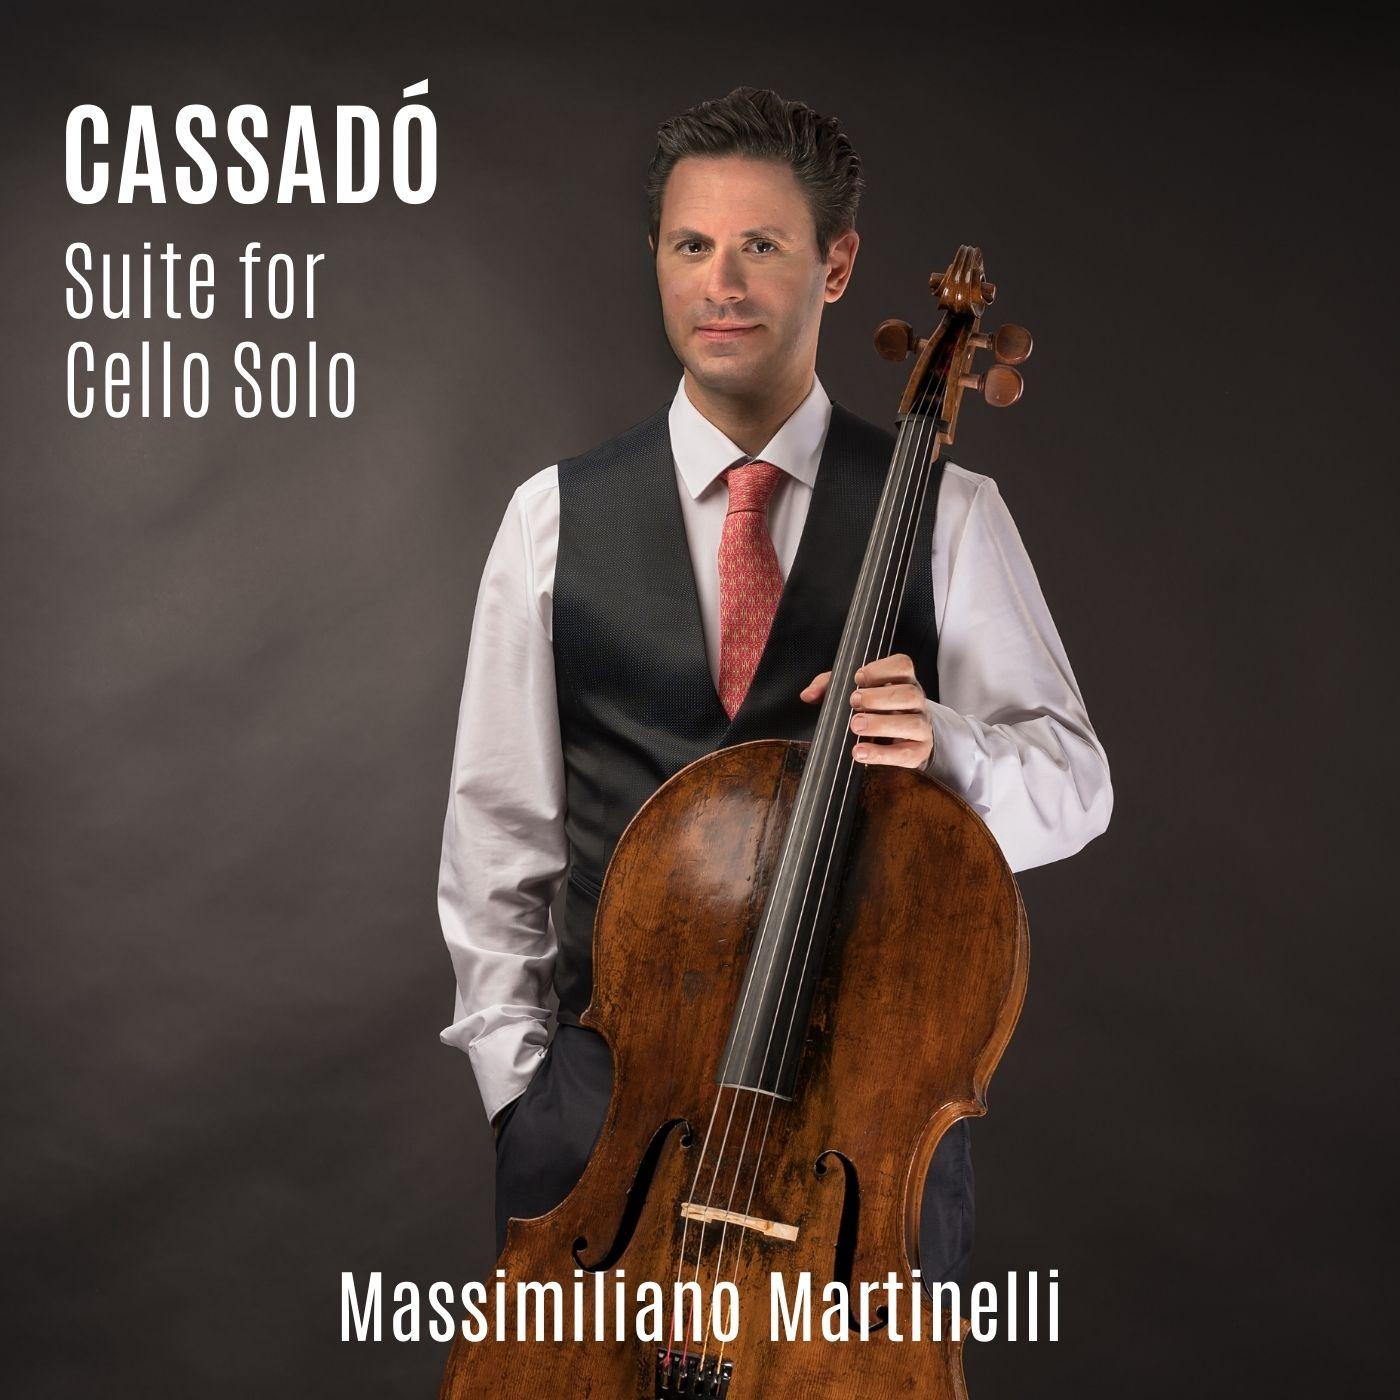 Cassadó: Suite for Cello Solo